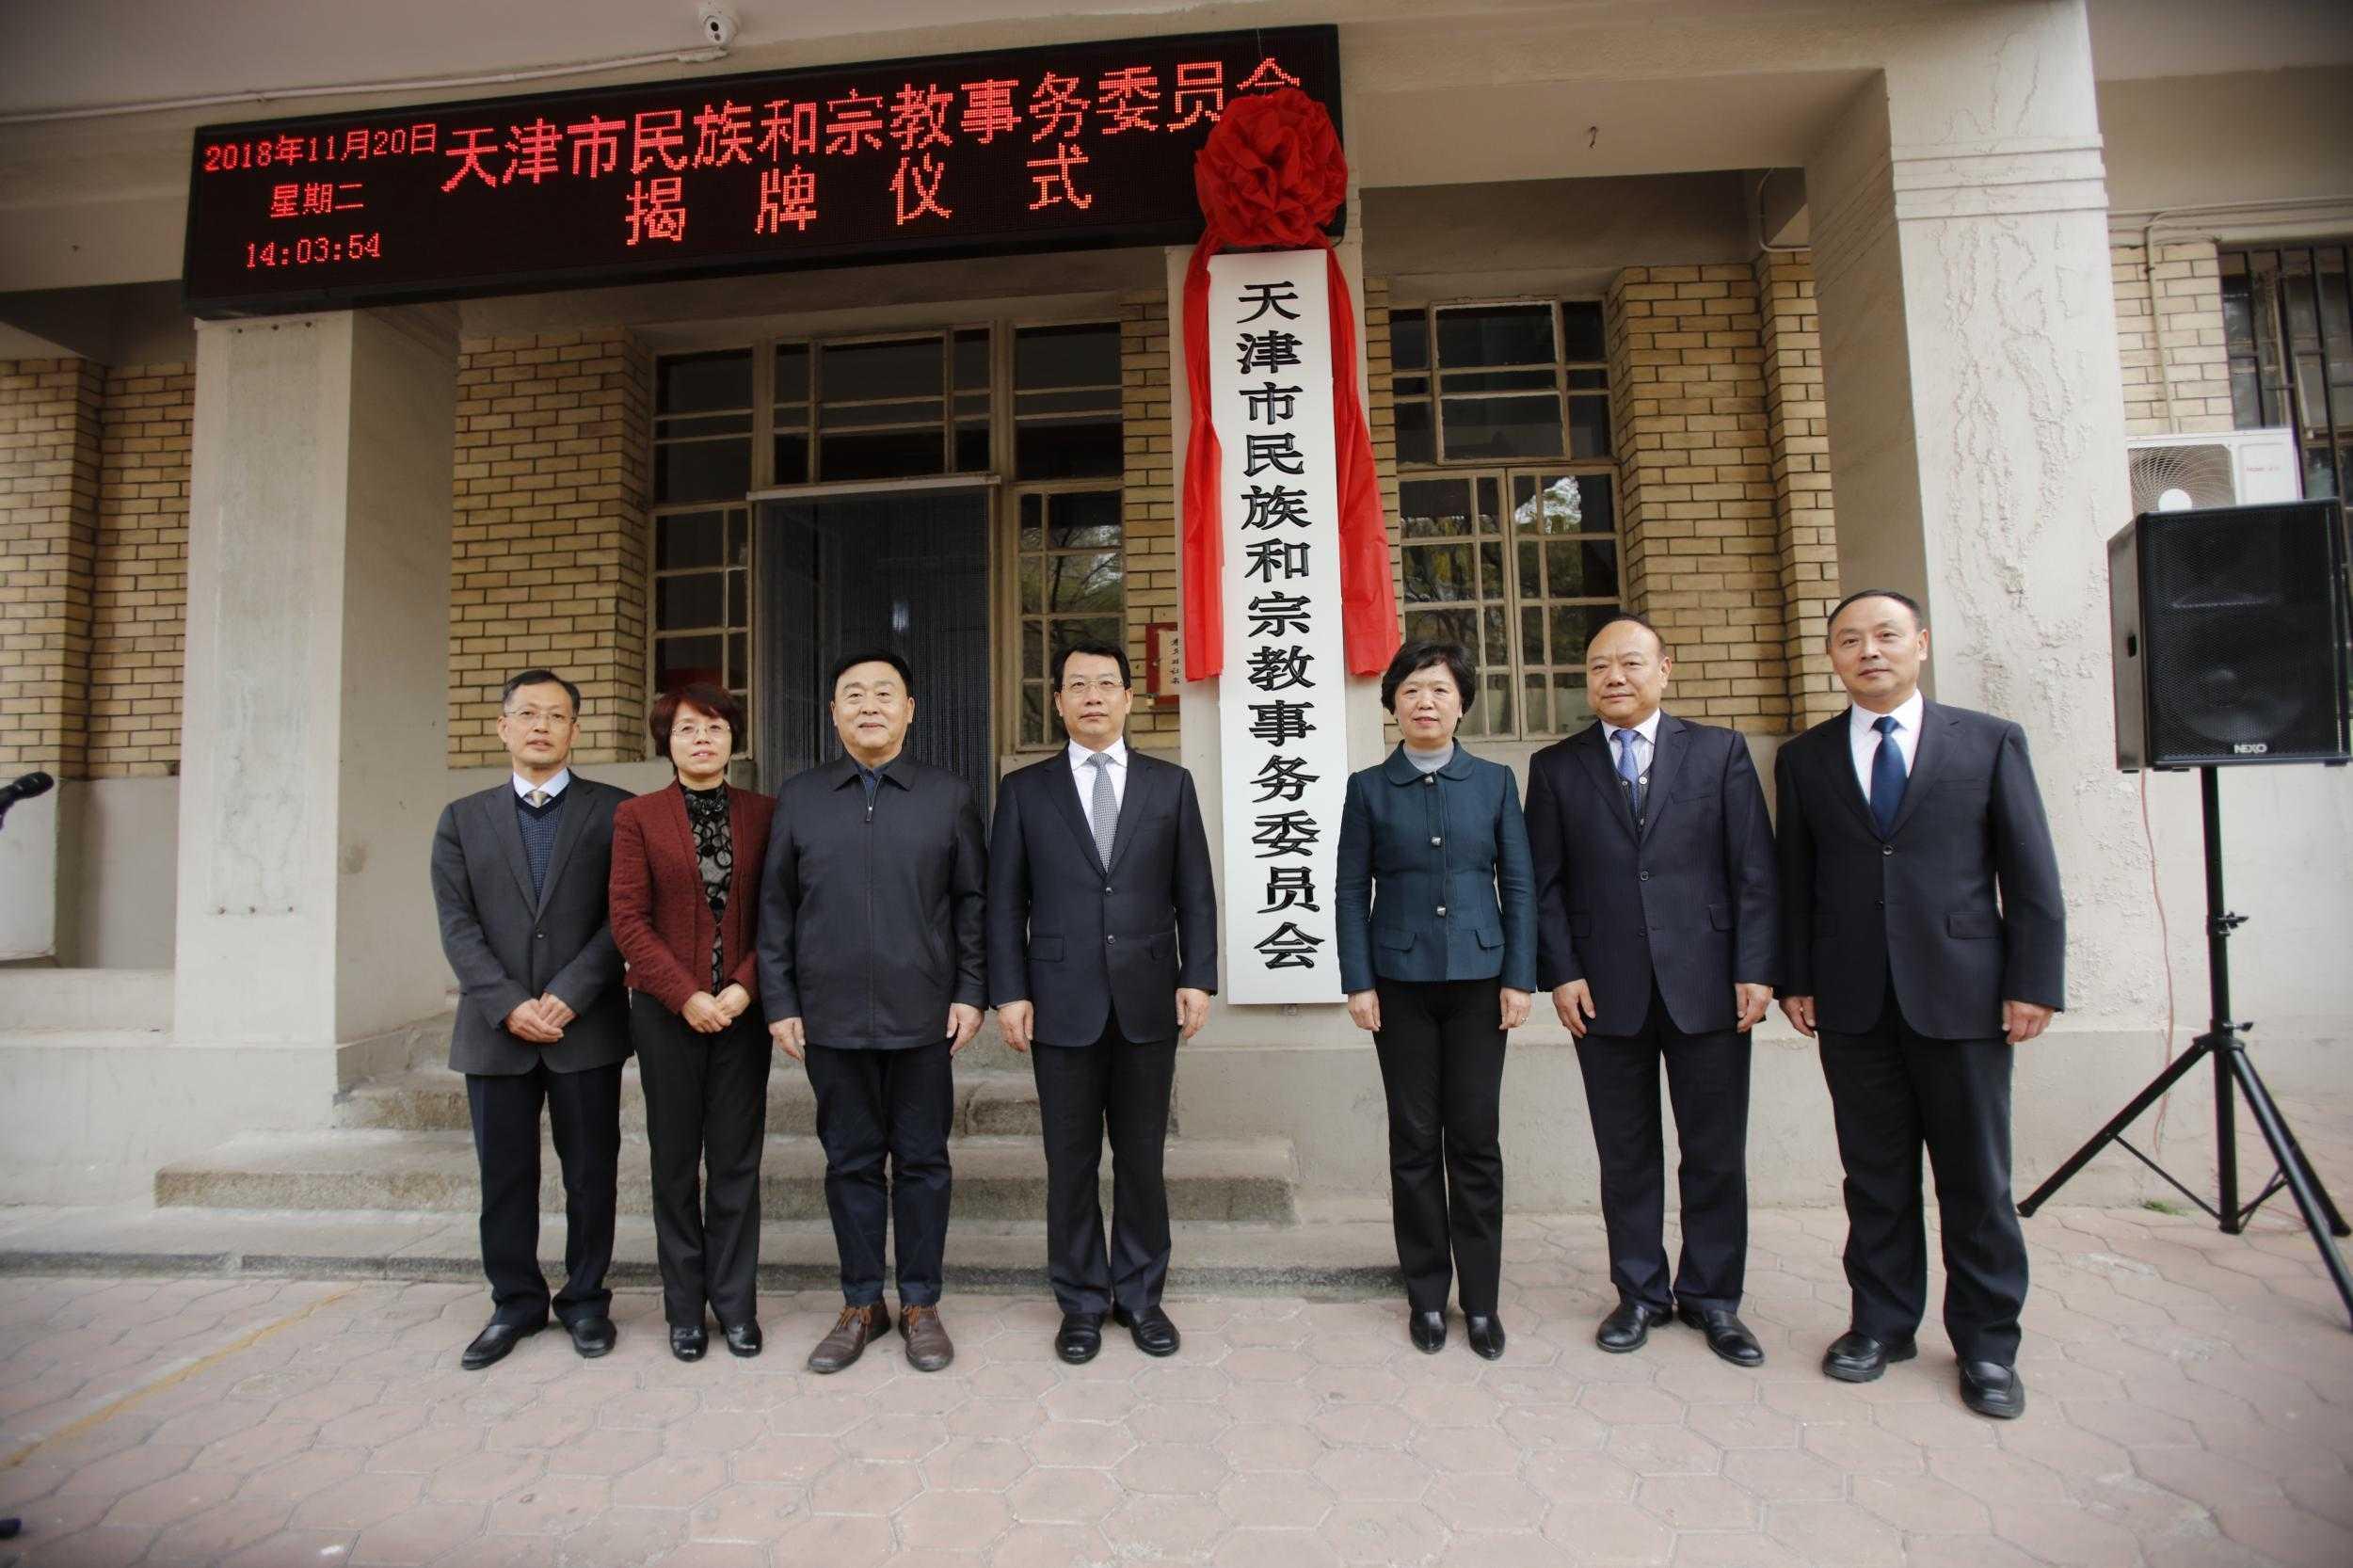 天津市民族和宗教事务委员会举行揭牌仪式(图)